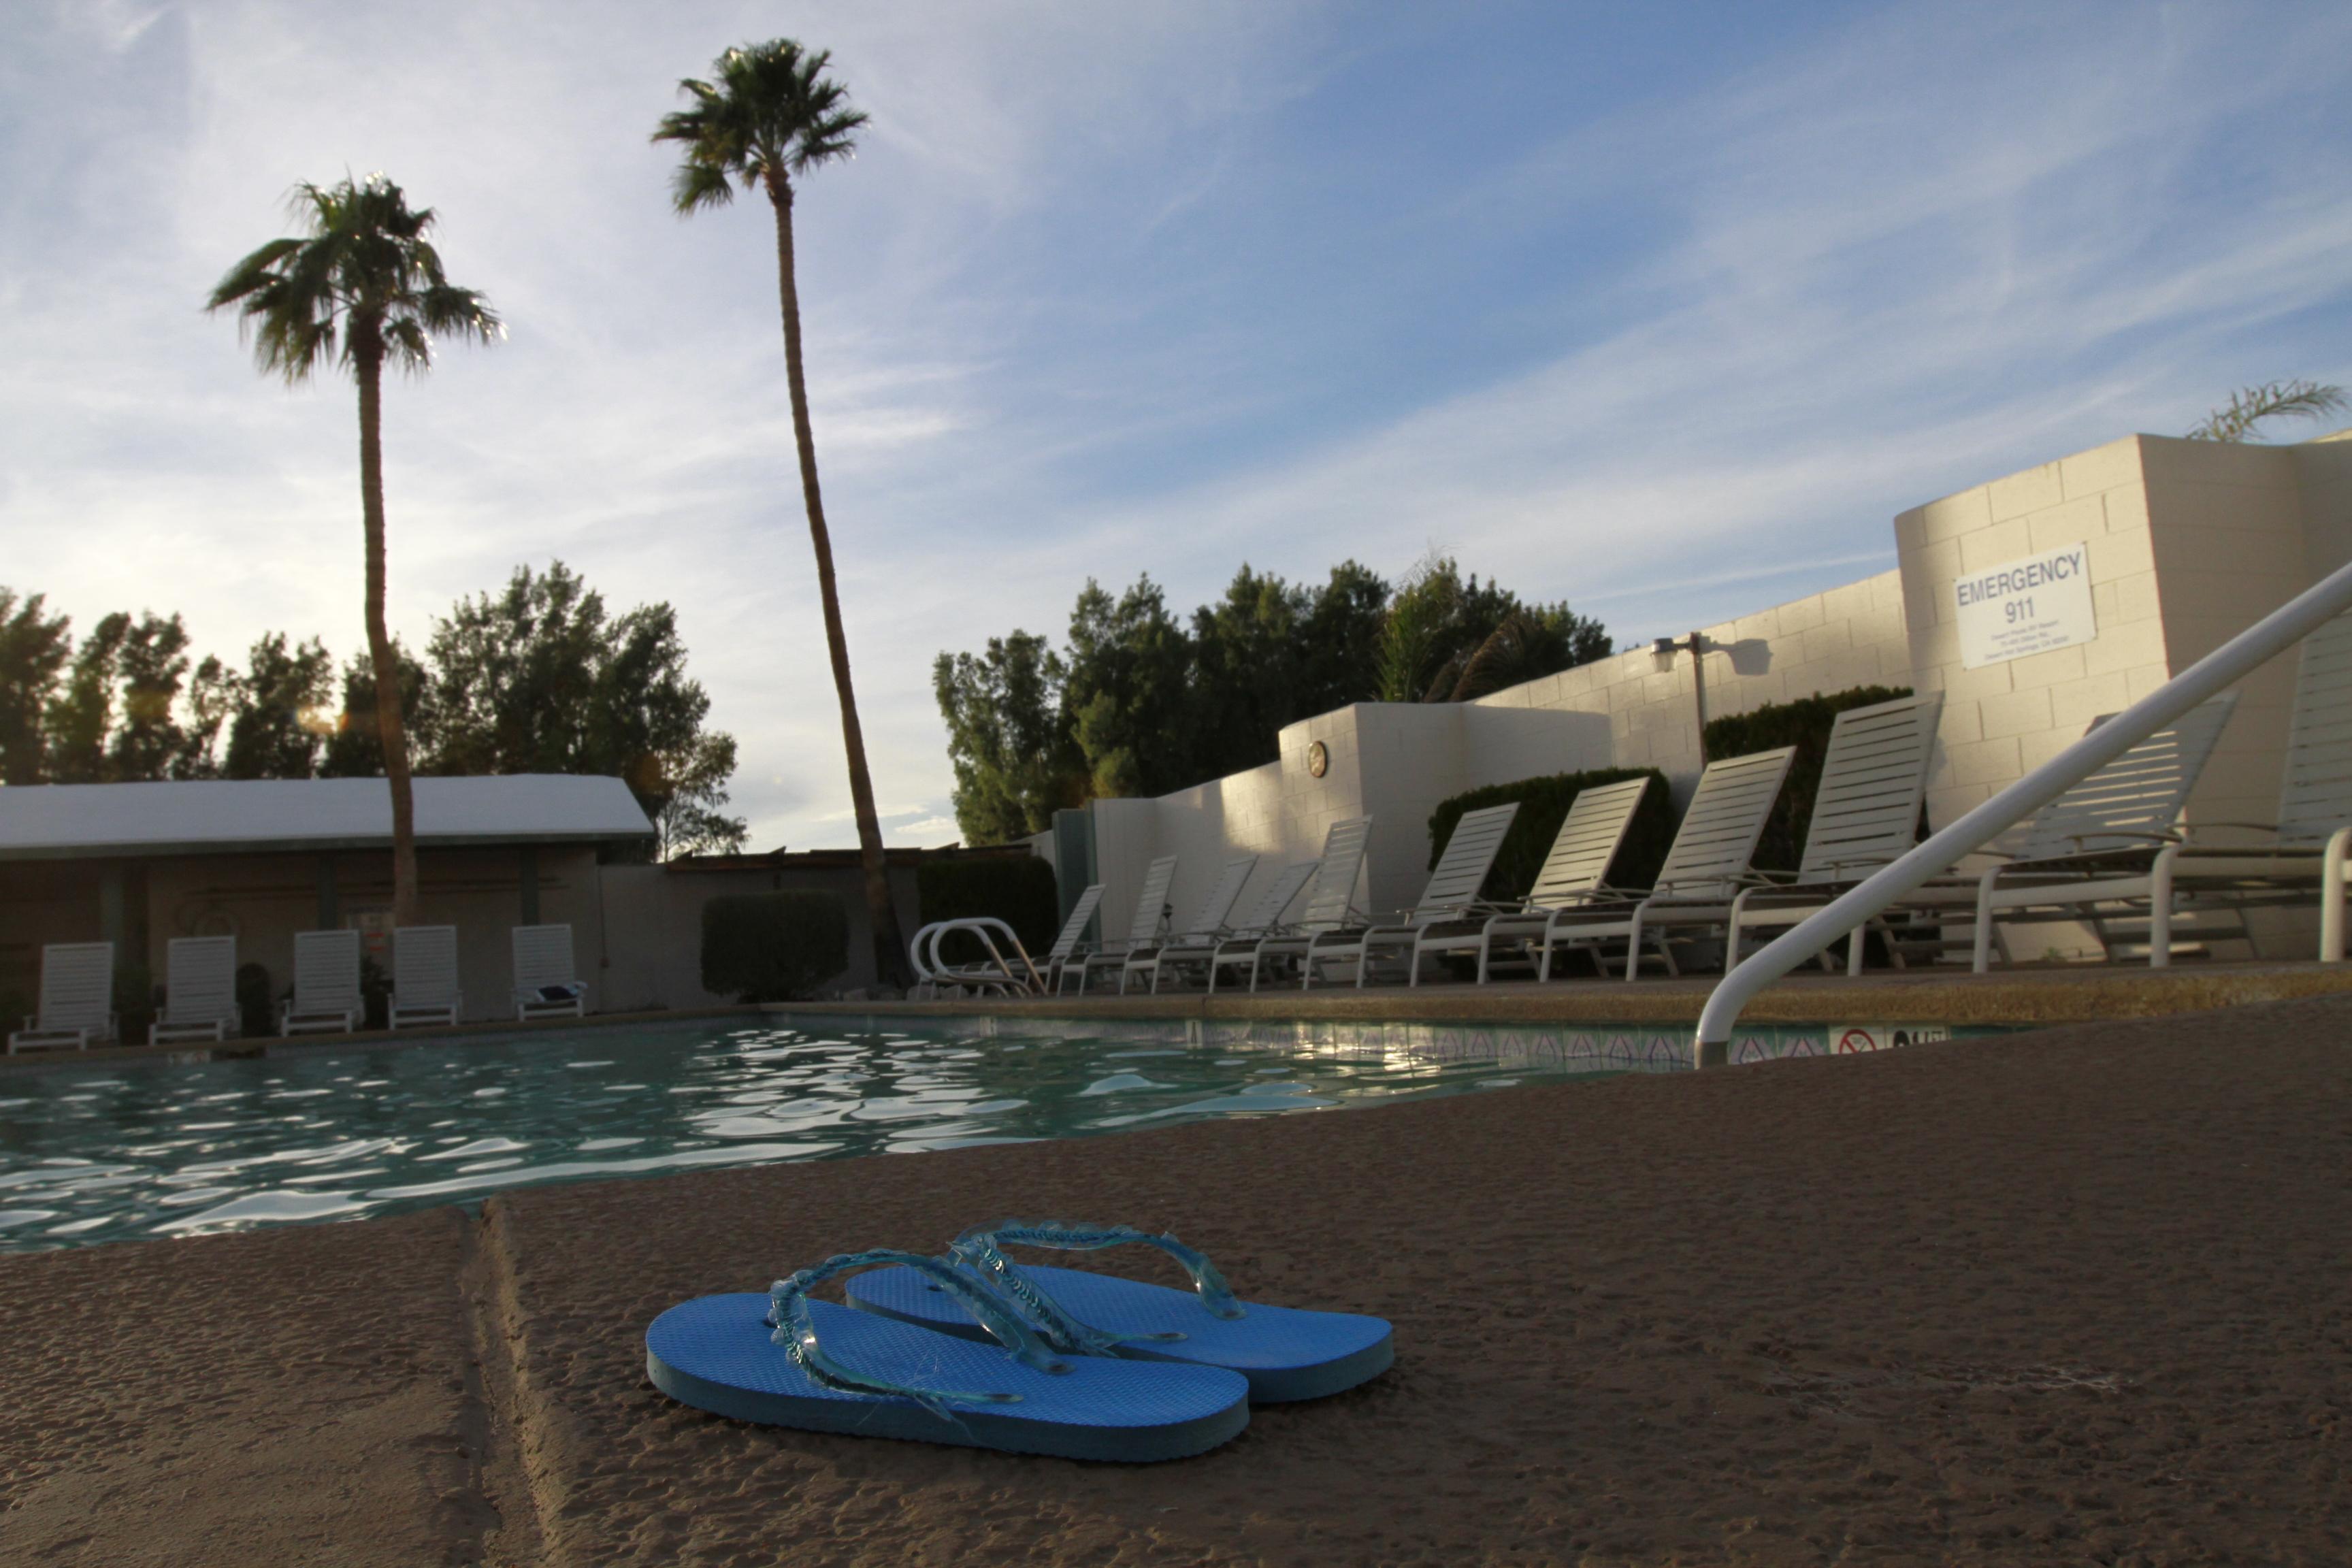 Palm Springs / Joshua Tree KOA image 0